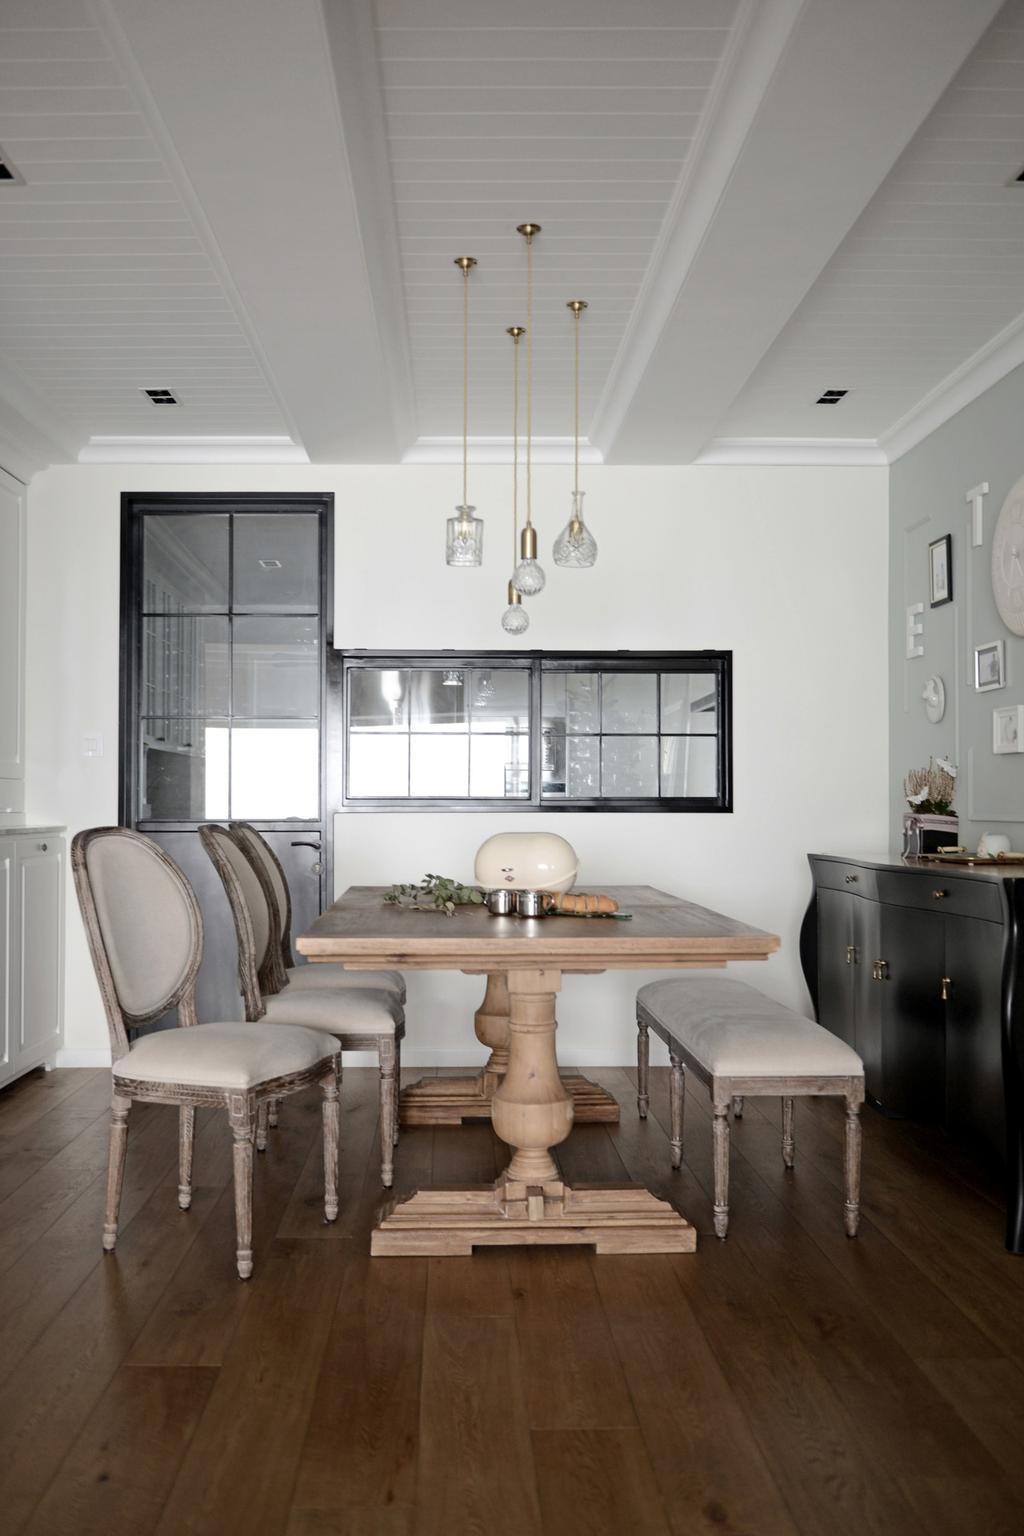 北歐, 私家樓, 飯廳, 舂坎角, 室內設計師, hoo, 工業, Chair, Furniture, Indoors, Interior Design, Room